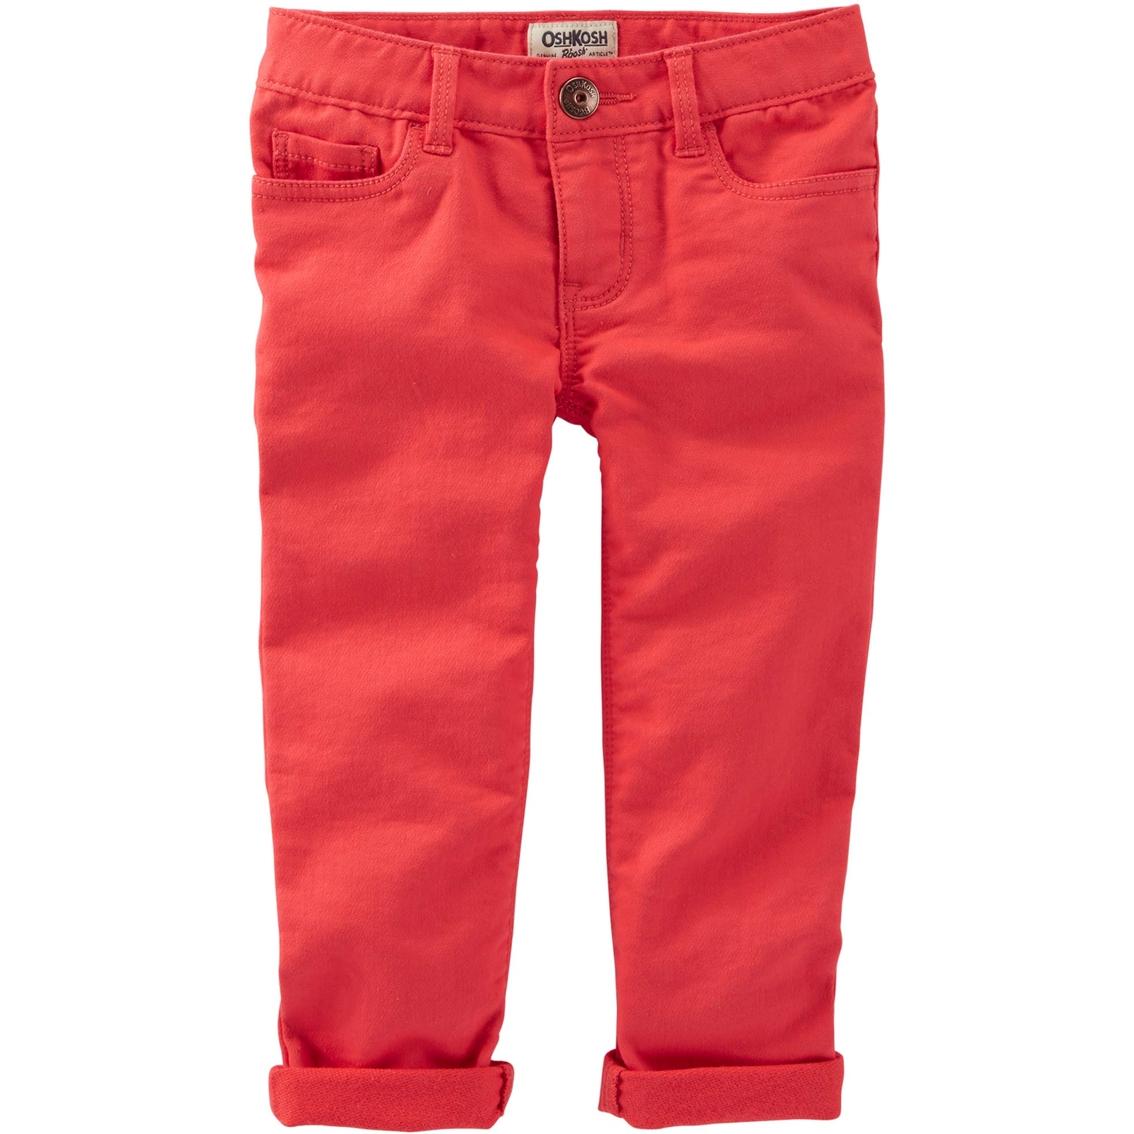 Oshkosh B'gosh Girls Twill Pants | Legging & Pants | Apparel ...